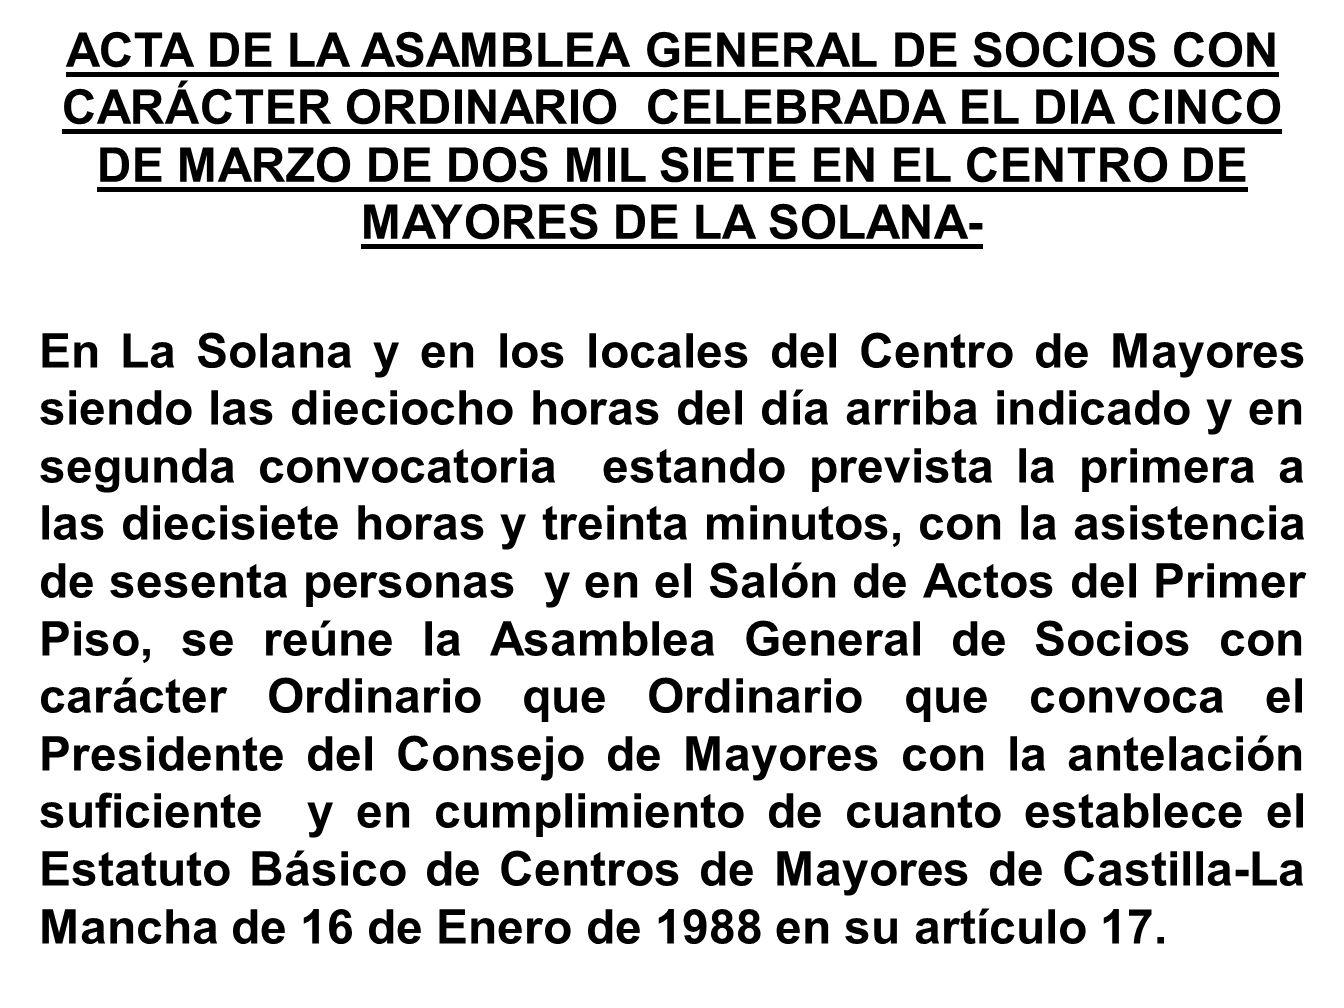 ACTA DE LA ASAMBLEA GENERAL DE SOCIOS CON CARÁCTER ORDINARIO CELEBRADA EL DIA CINCO DE MARZO DE DOS MIL SIETE EN EL CENTRO DE MAYORES DE LA SOLANA-